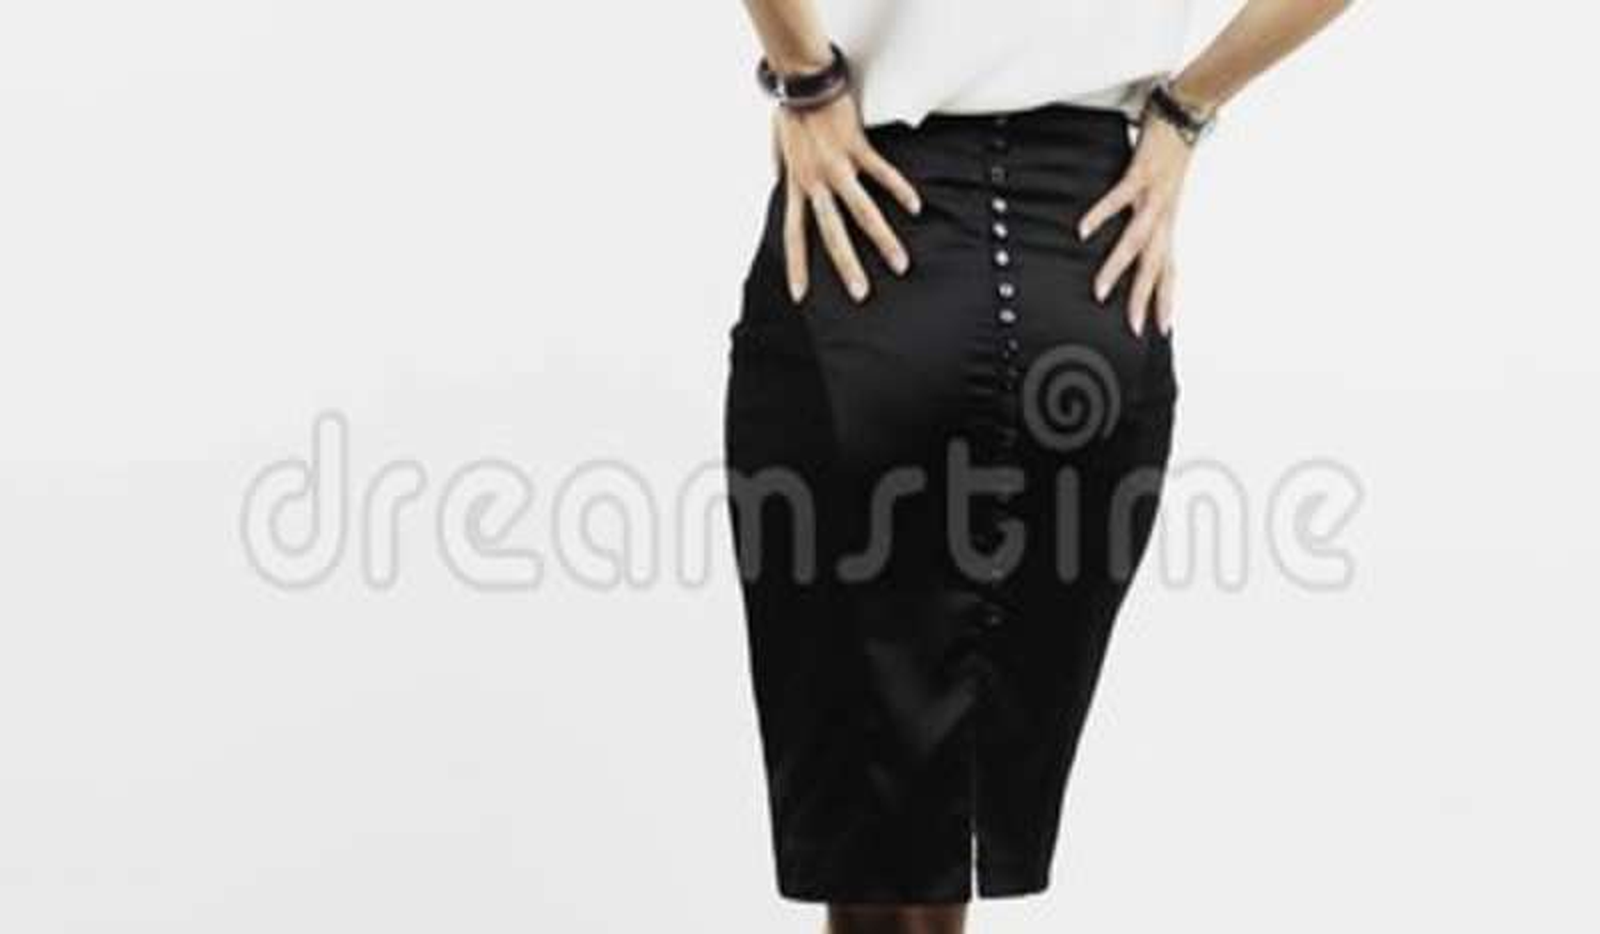 pulling up her skirt ass